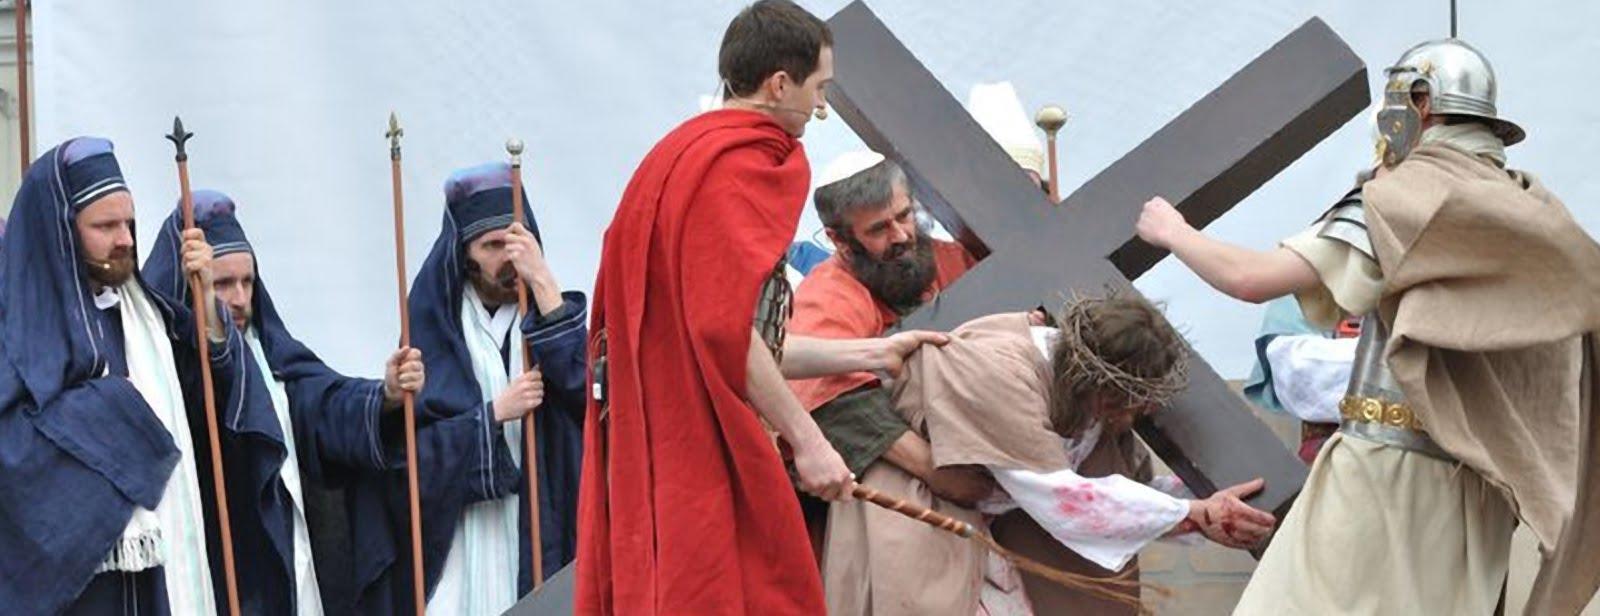 Jésus de Nazareth a-t-il existé ?